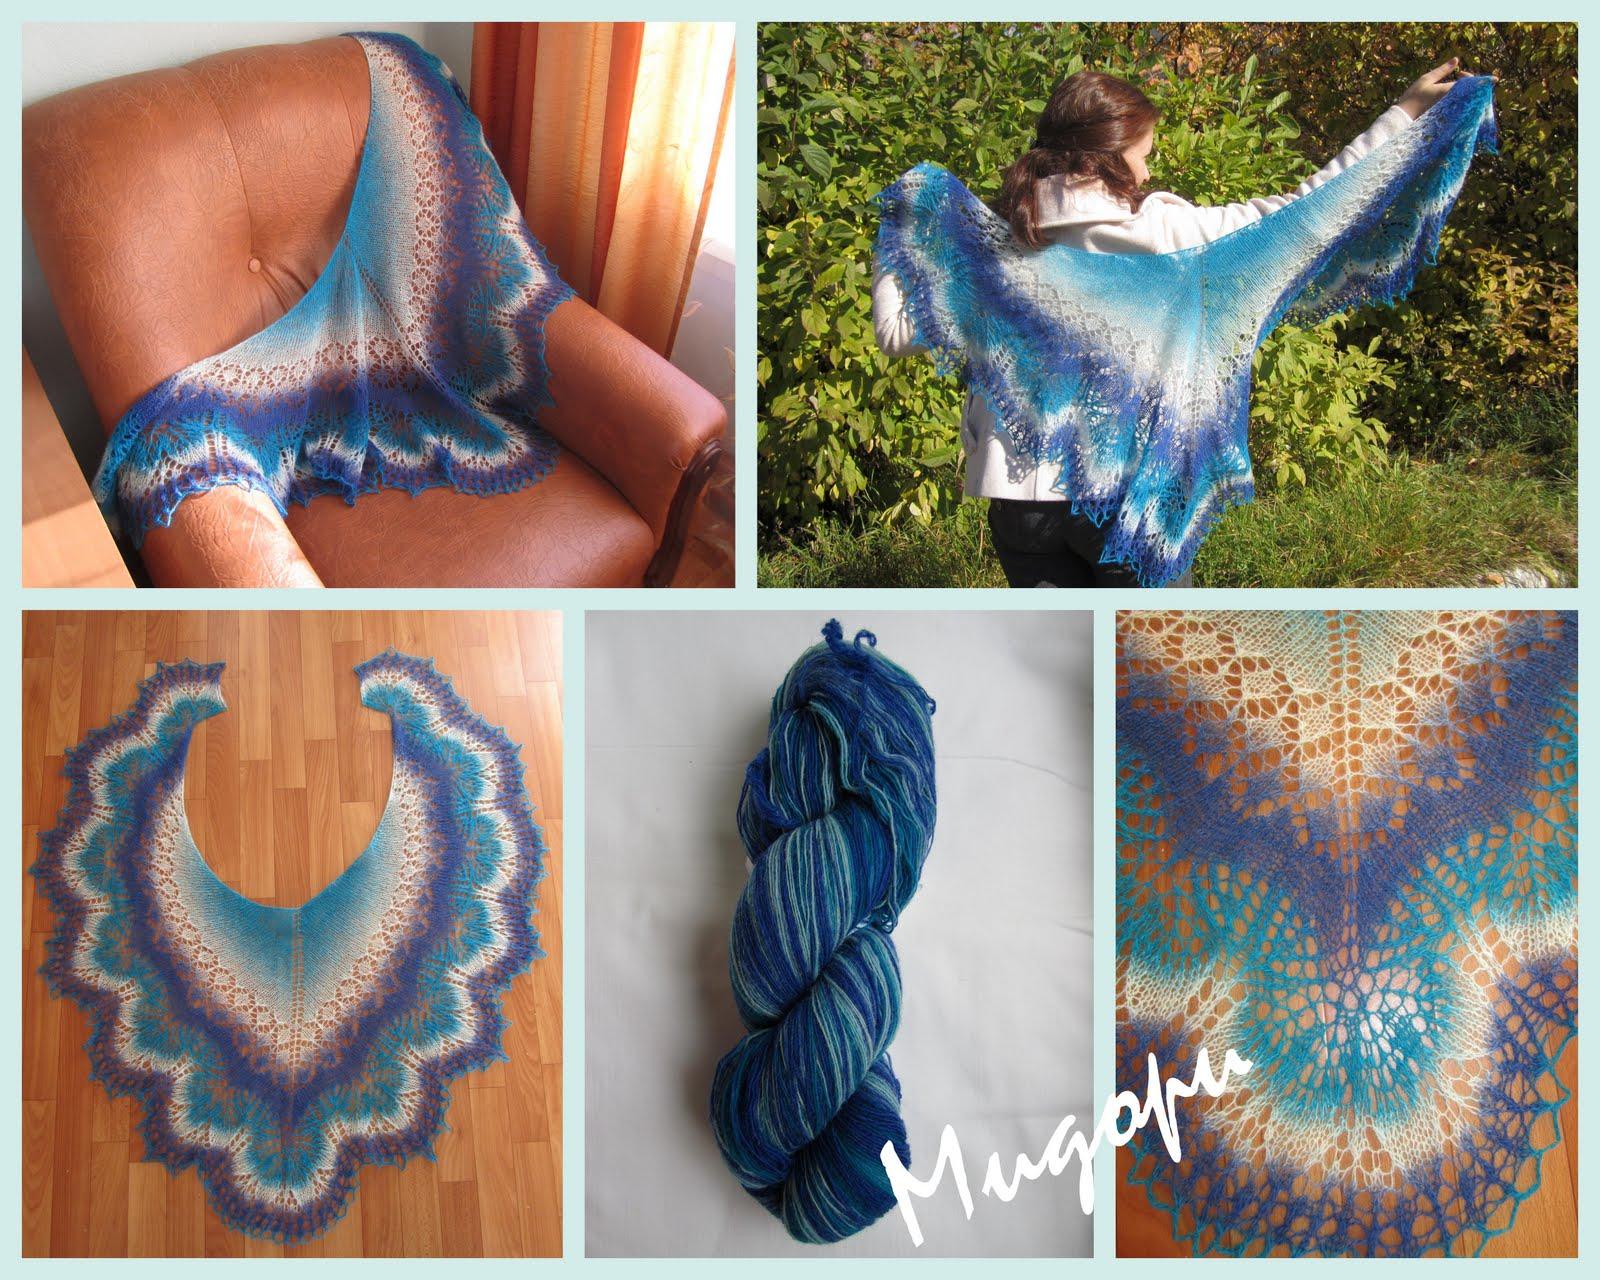 Юль, если тебя такой расцветки шаль устроит, то вот такую легко.  А если нужна именно белая и с голубой каймой...